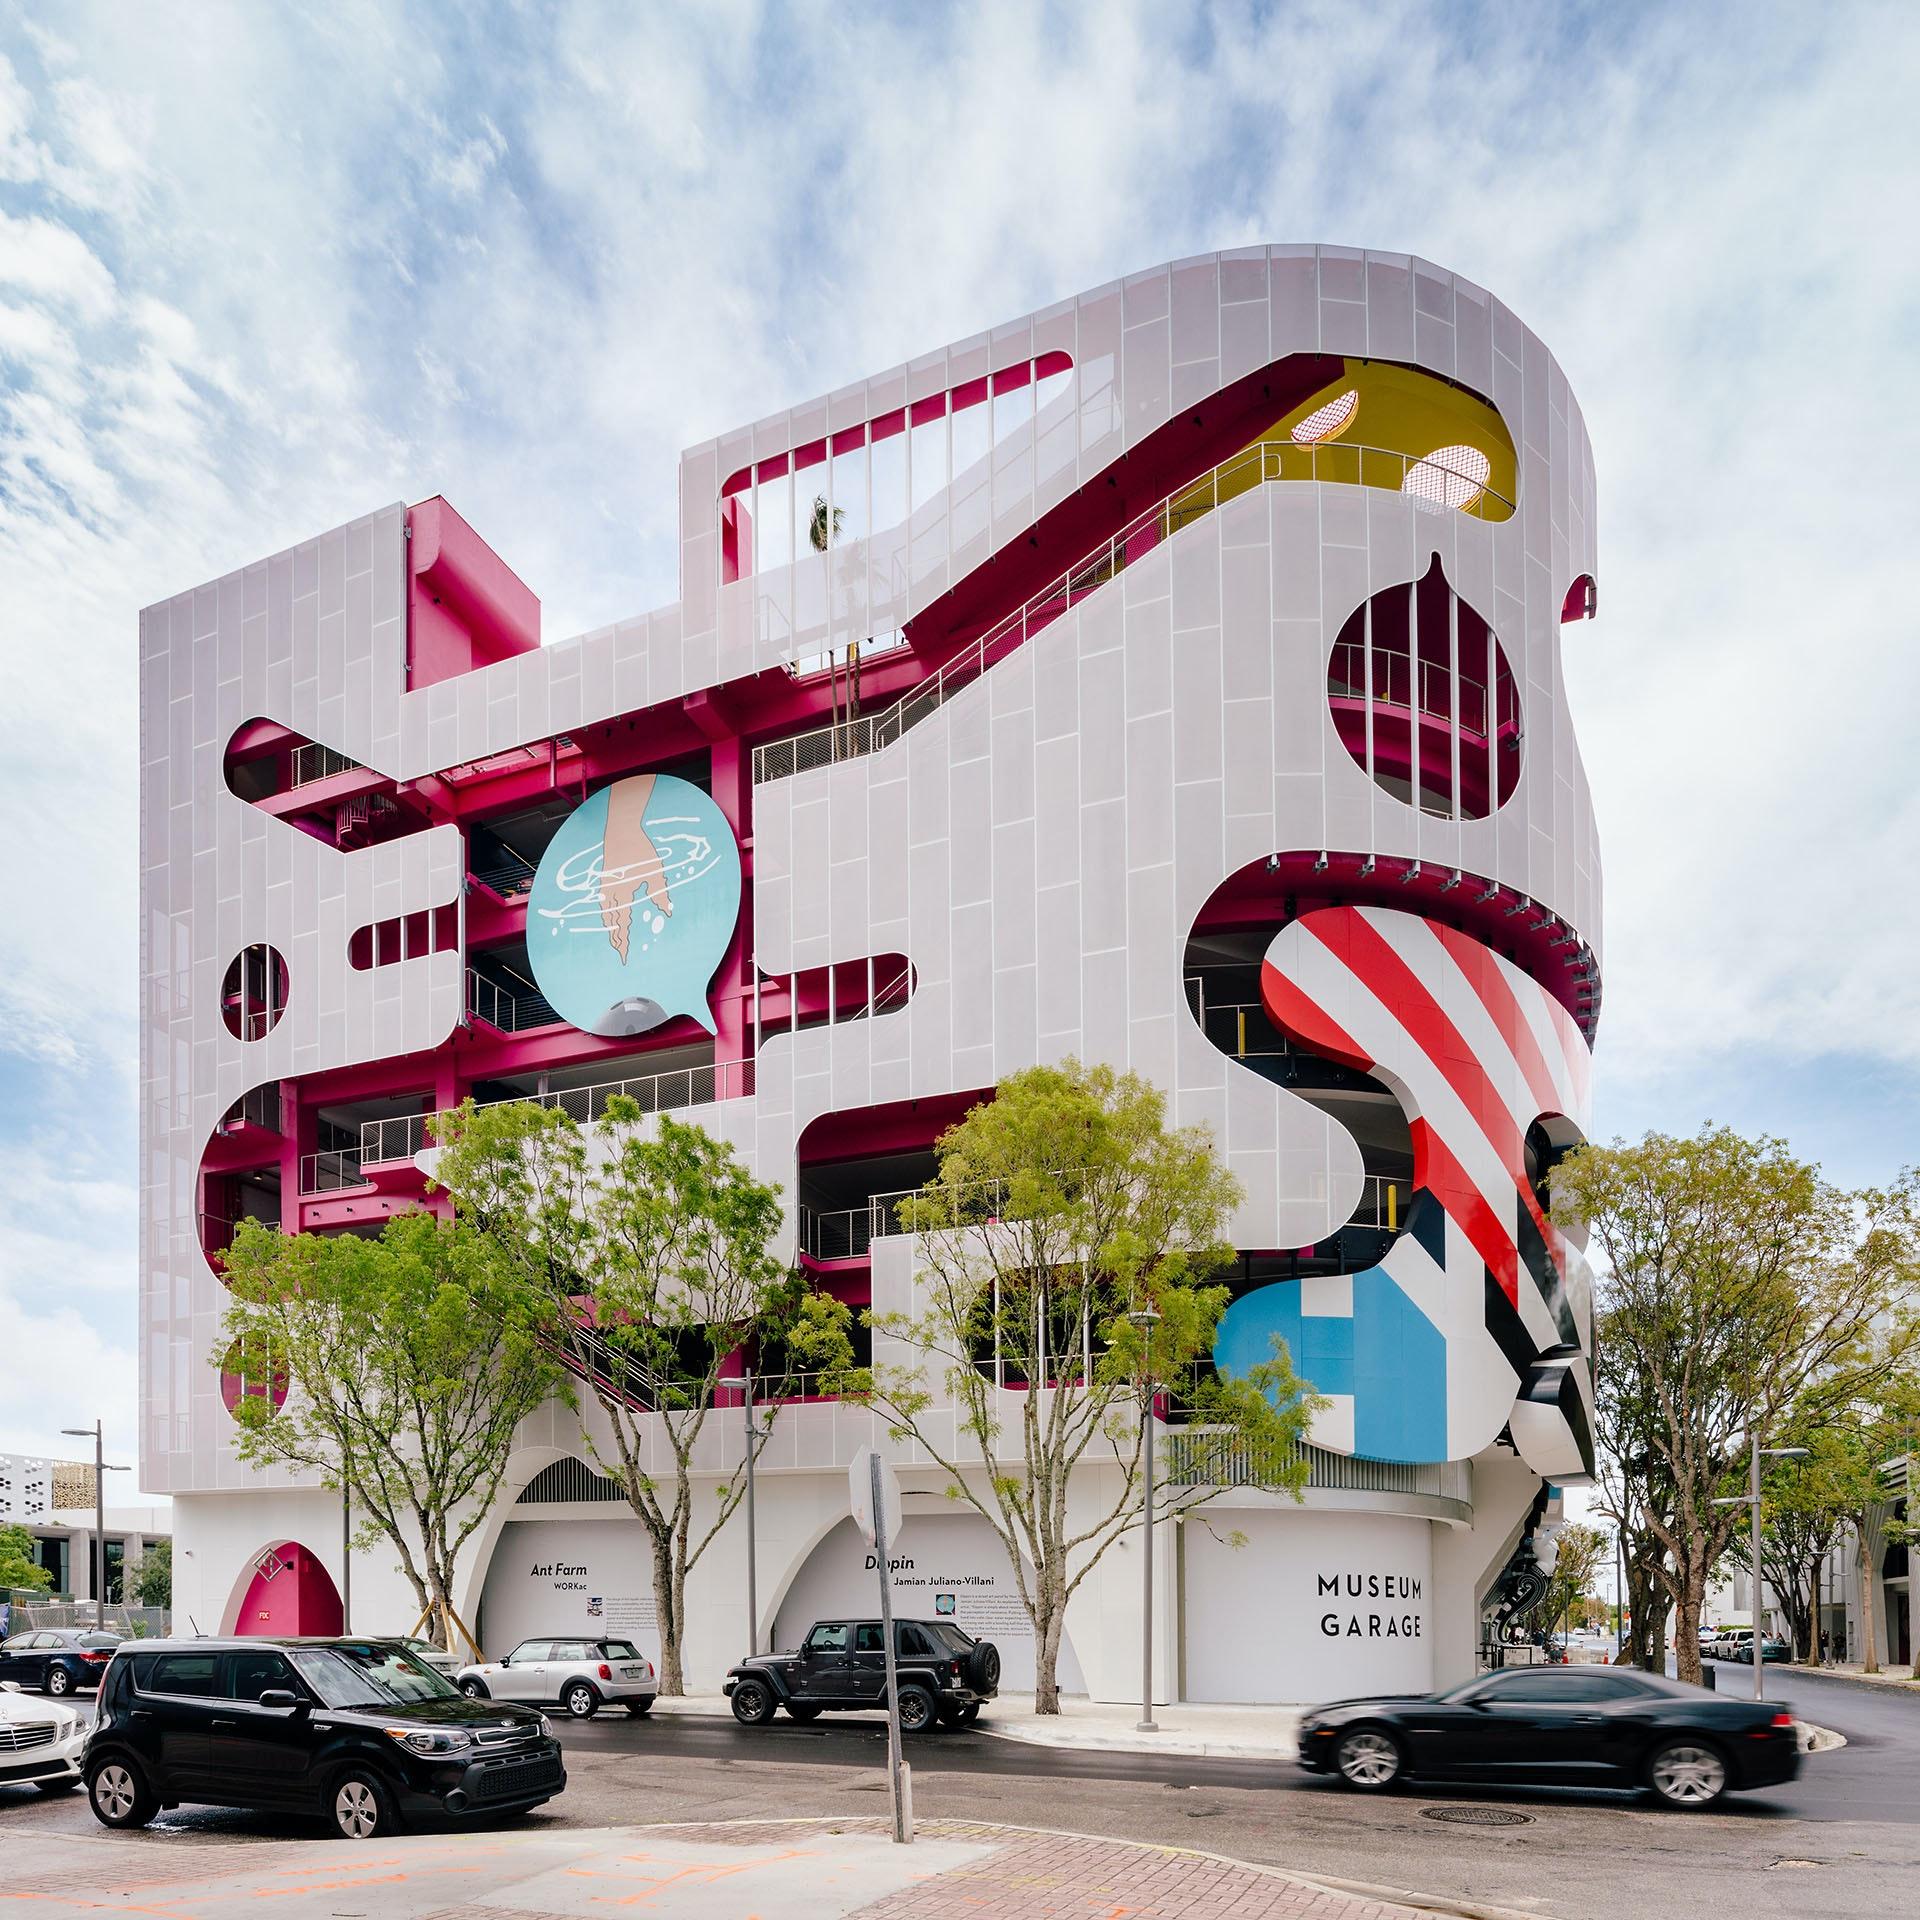 Miami Collage Garage by WORKac